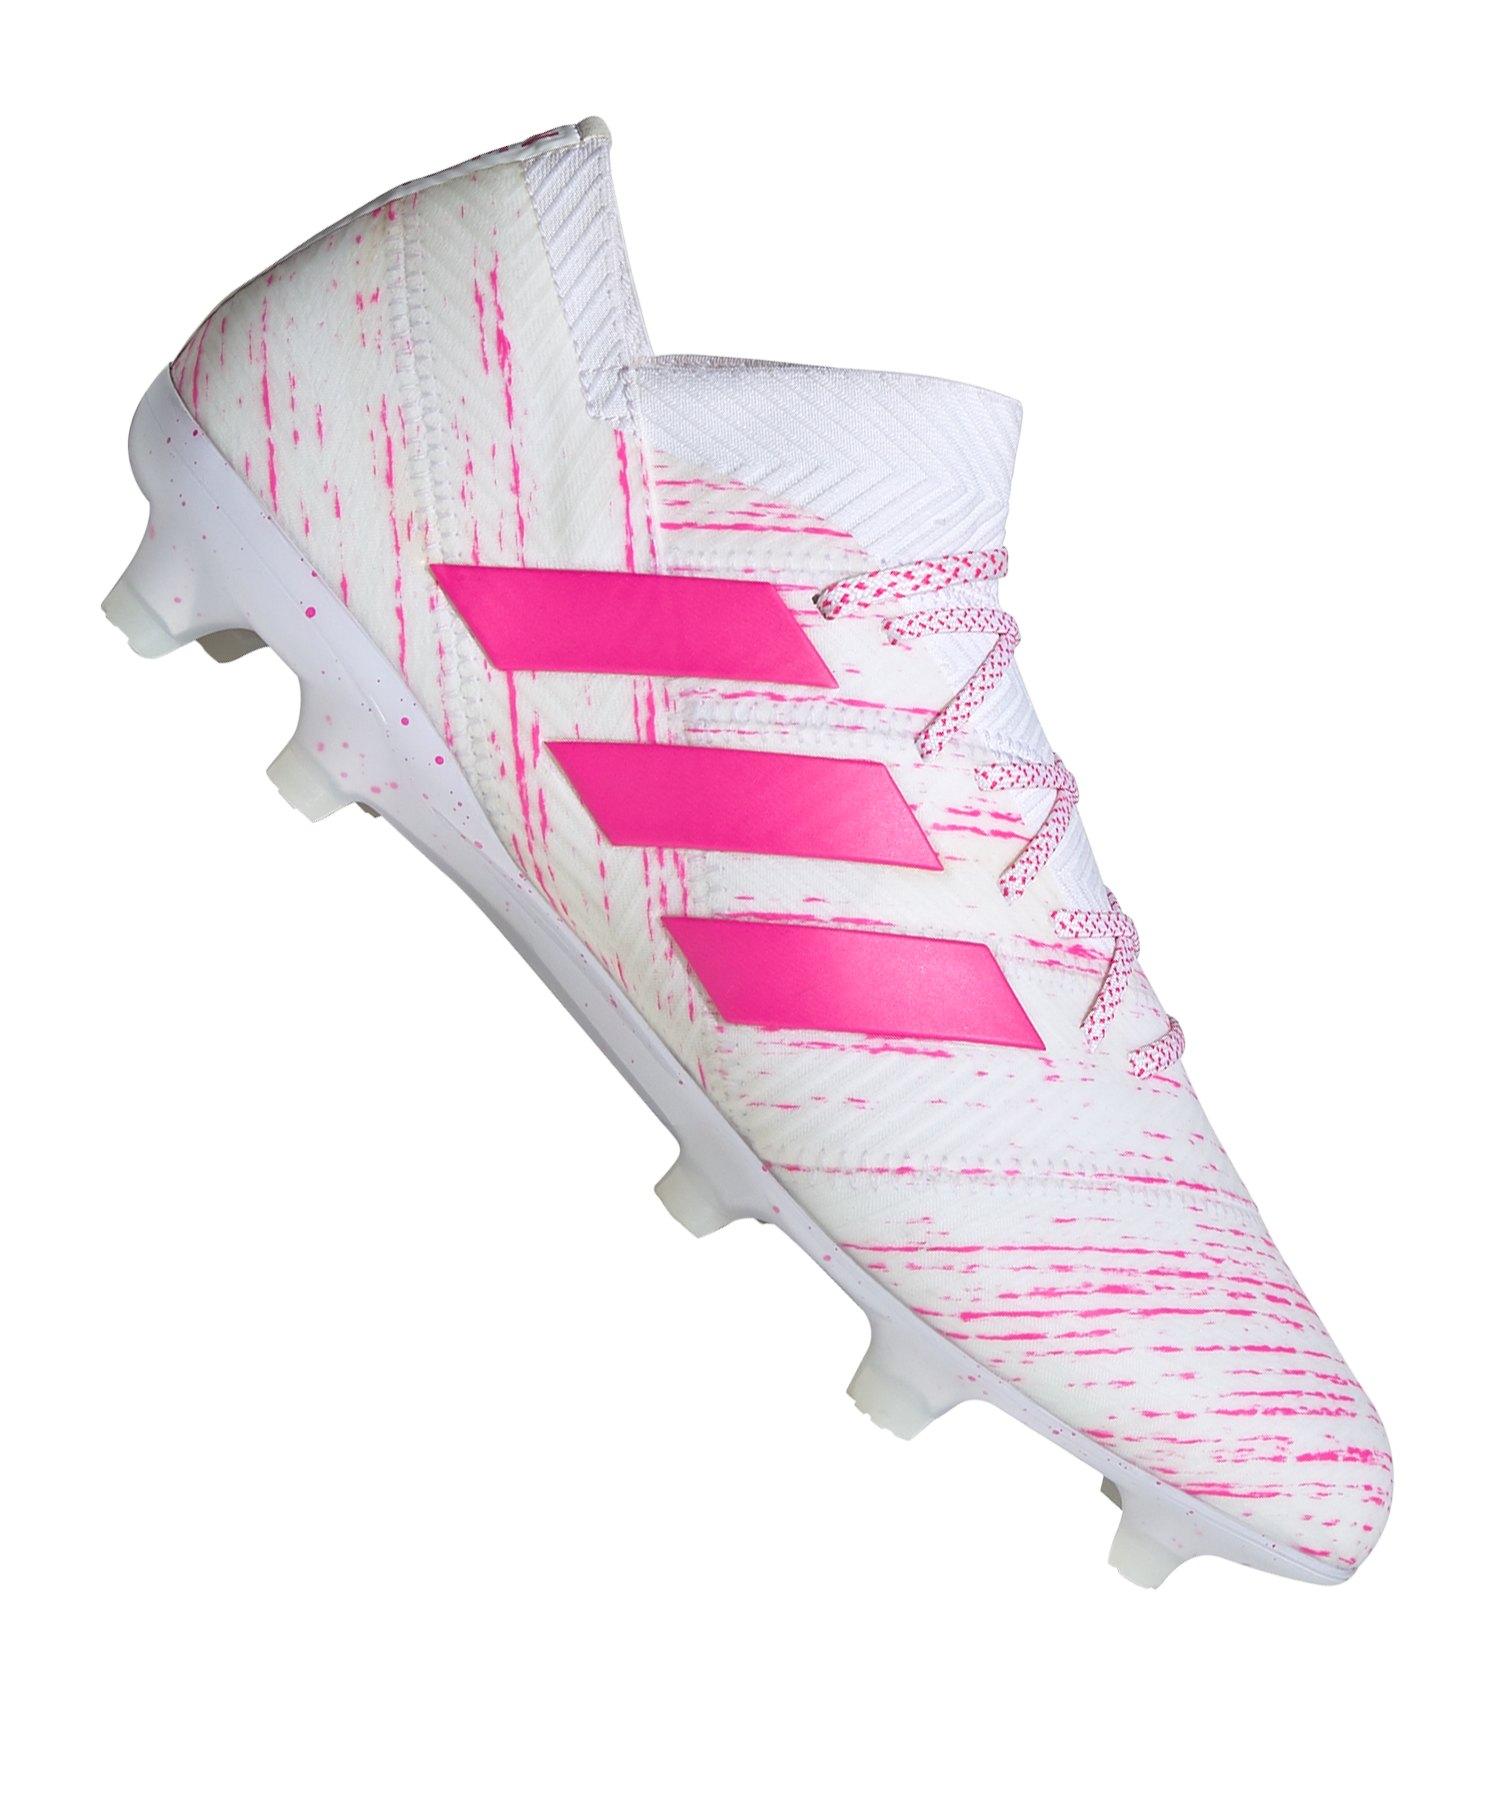 official photos a0369 2aeac adidas NEMEZIZ 18.1 FG Weiss Pink - weiss